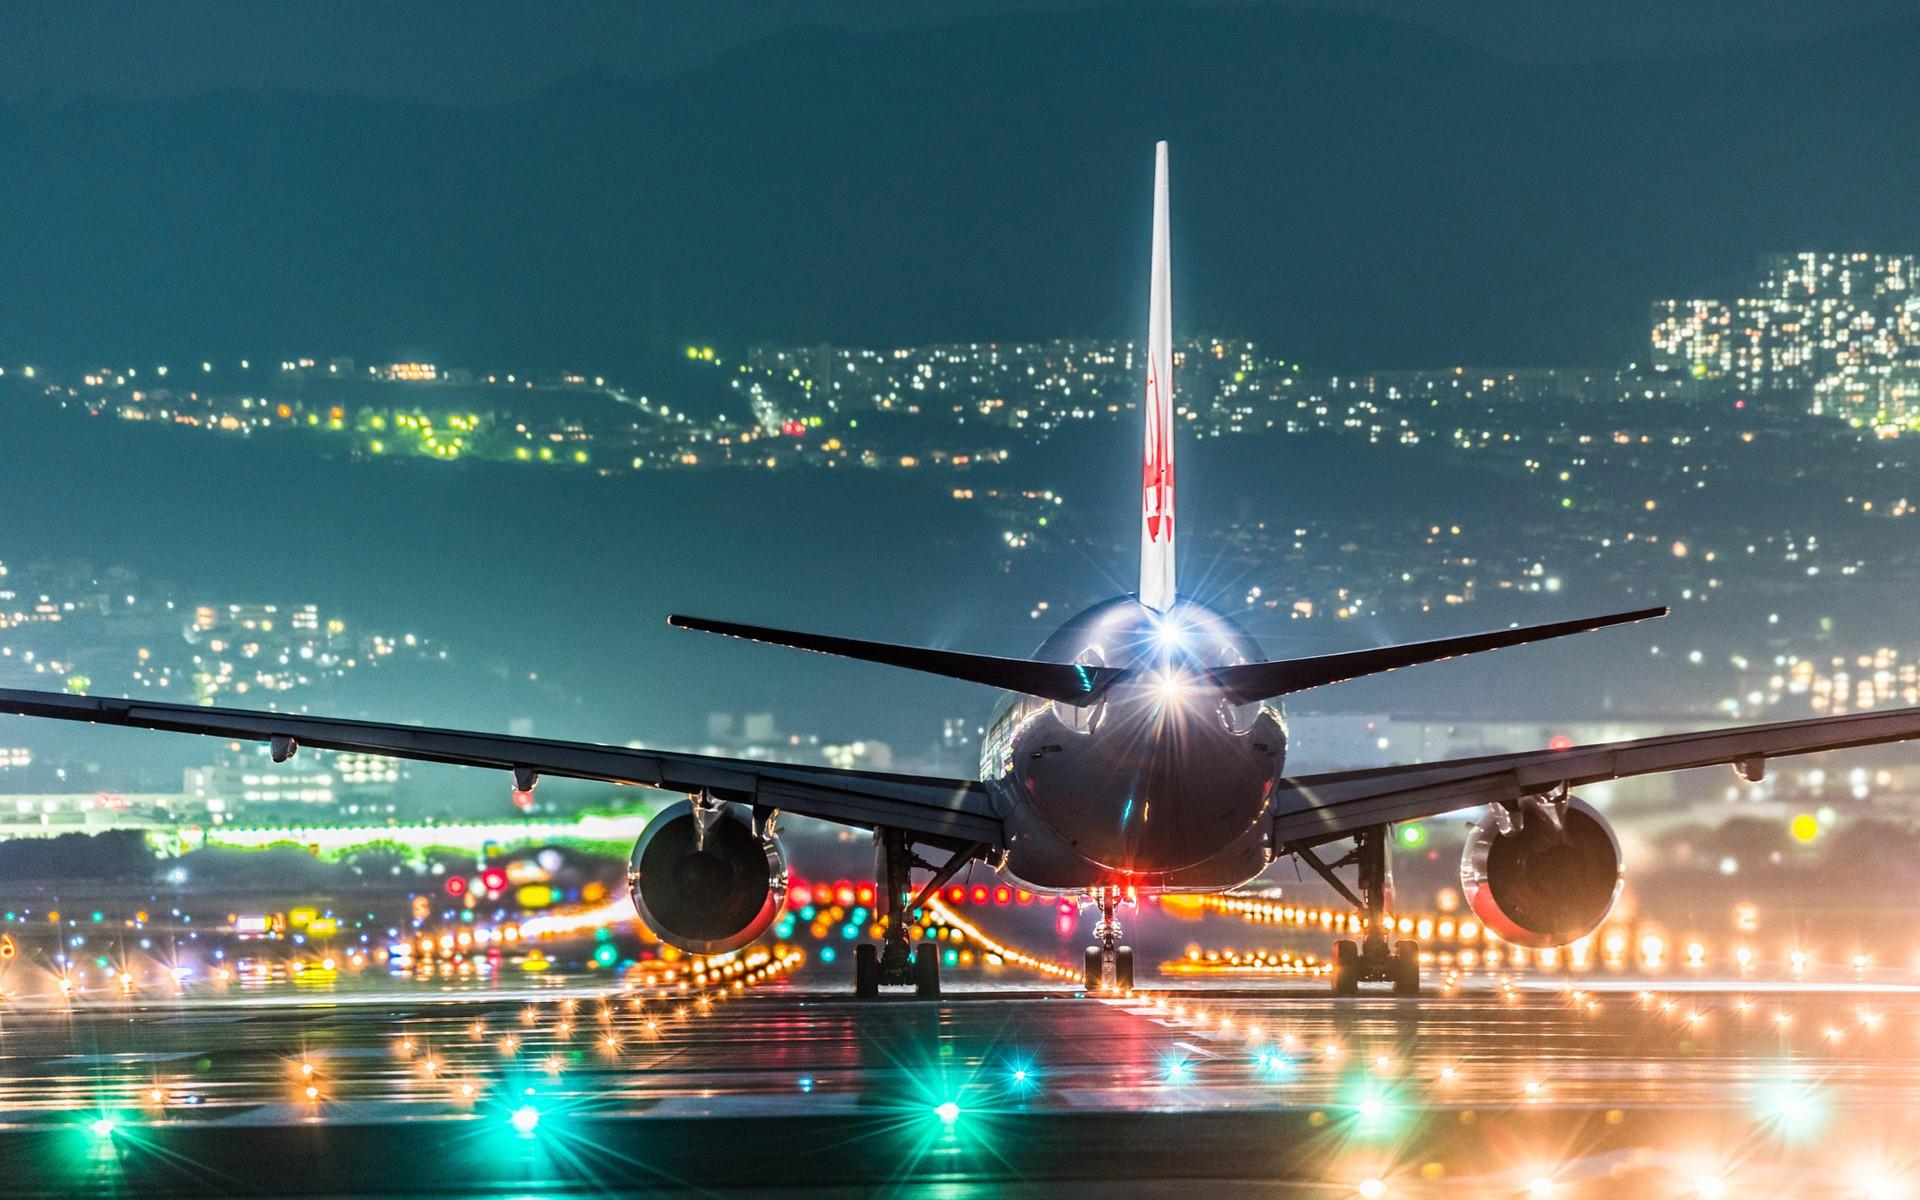 Wallpaper : Japan, Landscape, Lights, City, Cityscape